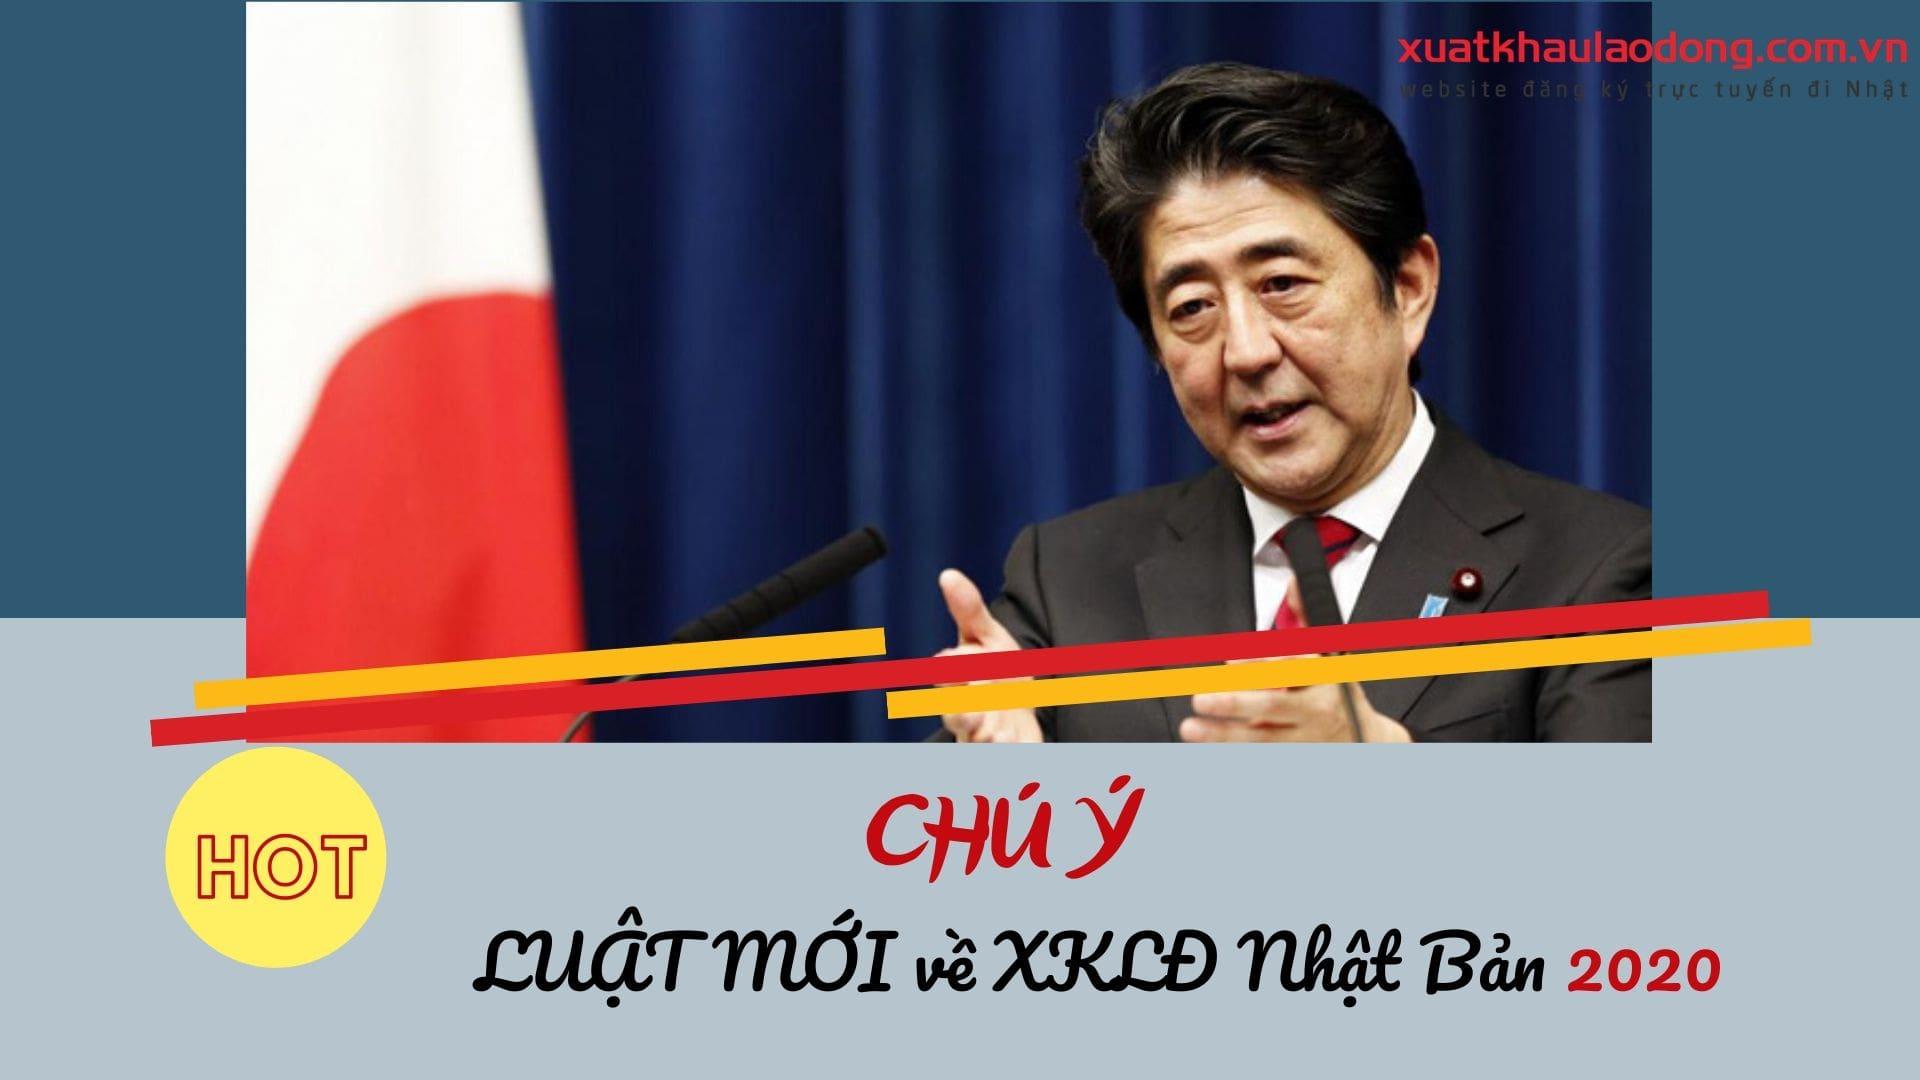 LUẬT MỚI ban hành của chính phủ Nhật Bản dành cho lao động xuất khẩu 2020